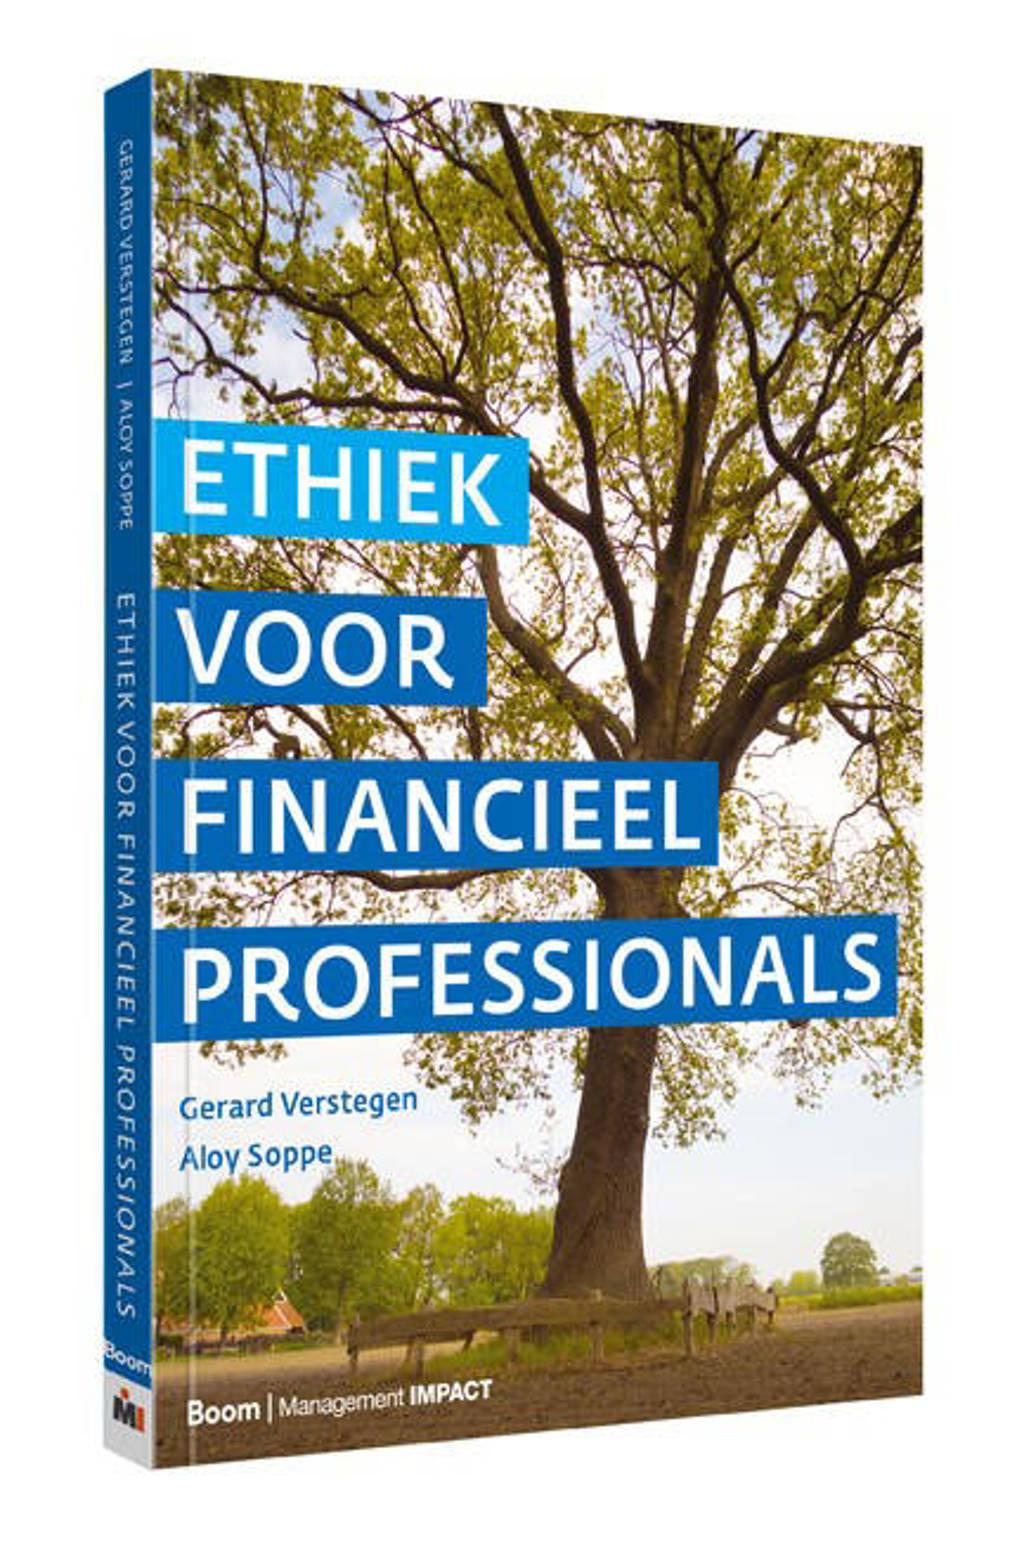 Ethiek voor financieel professionals - Gerard Verstegen en Aloy Soppe